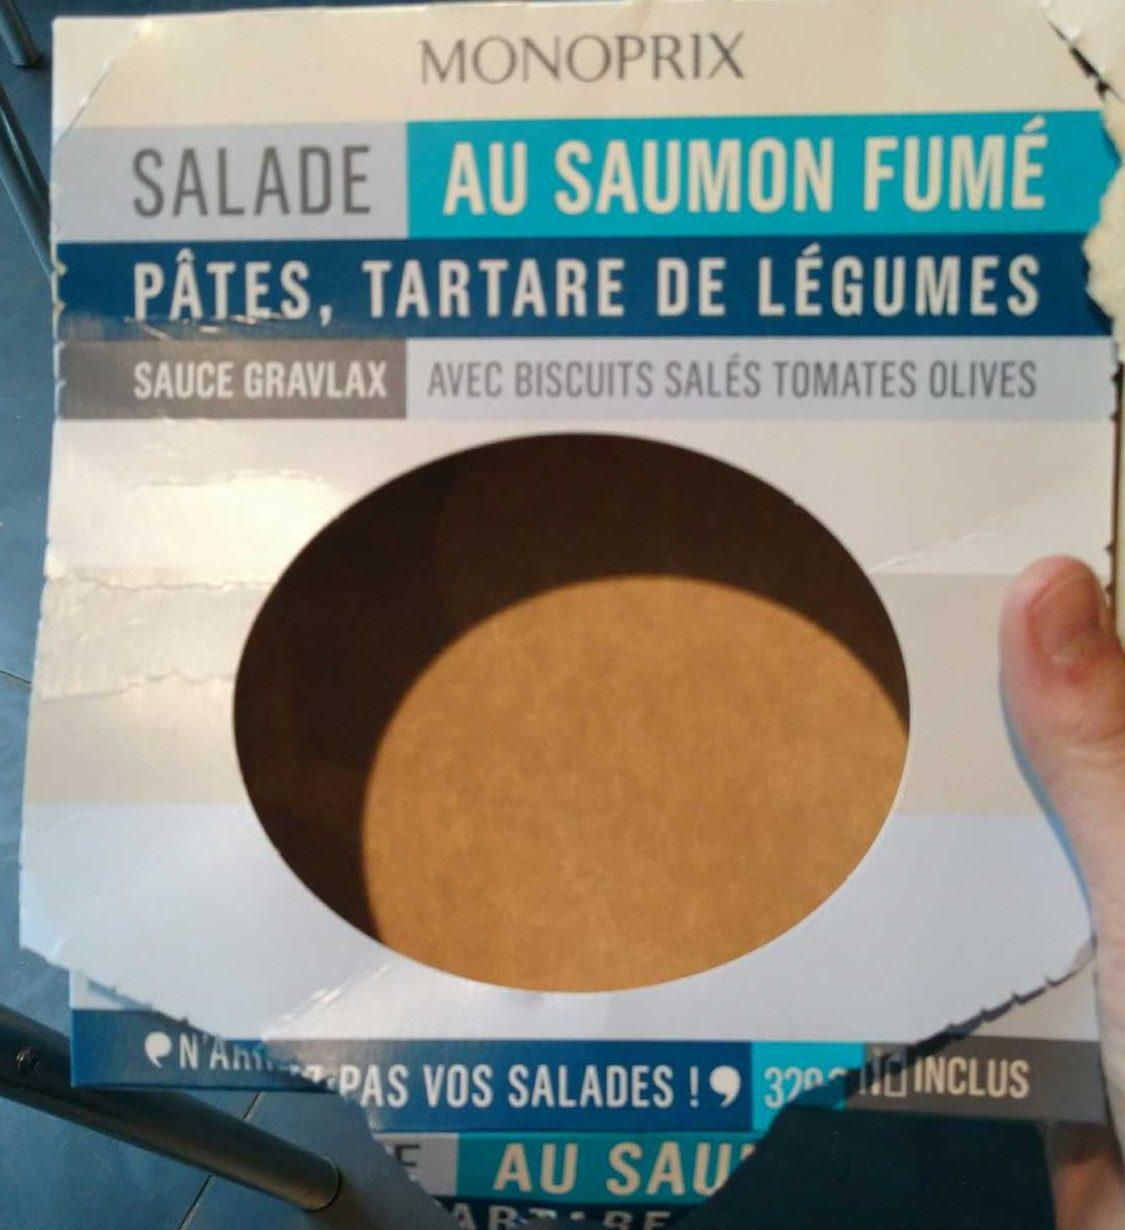 Salade au Saumon Fumé, Pâtes, Tartare de Légumes - Product - fr